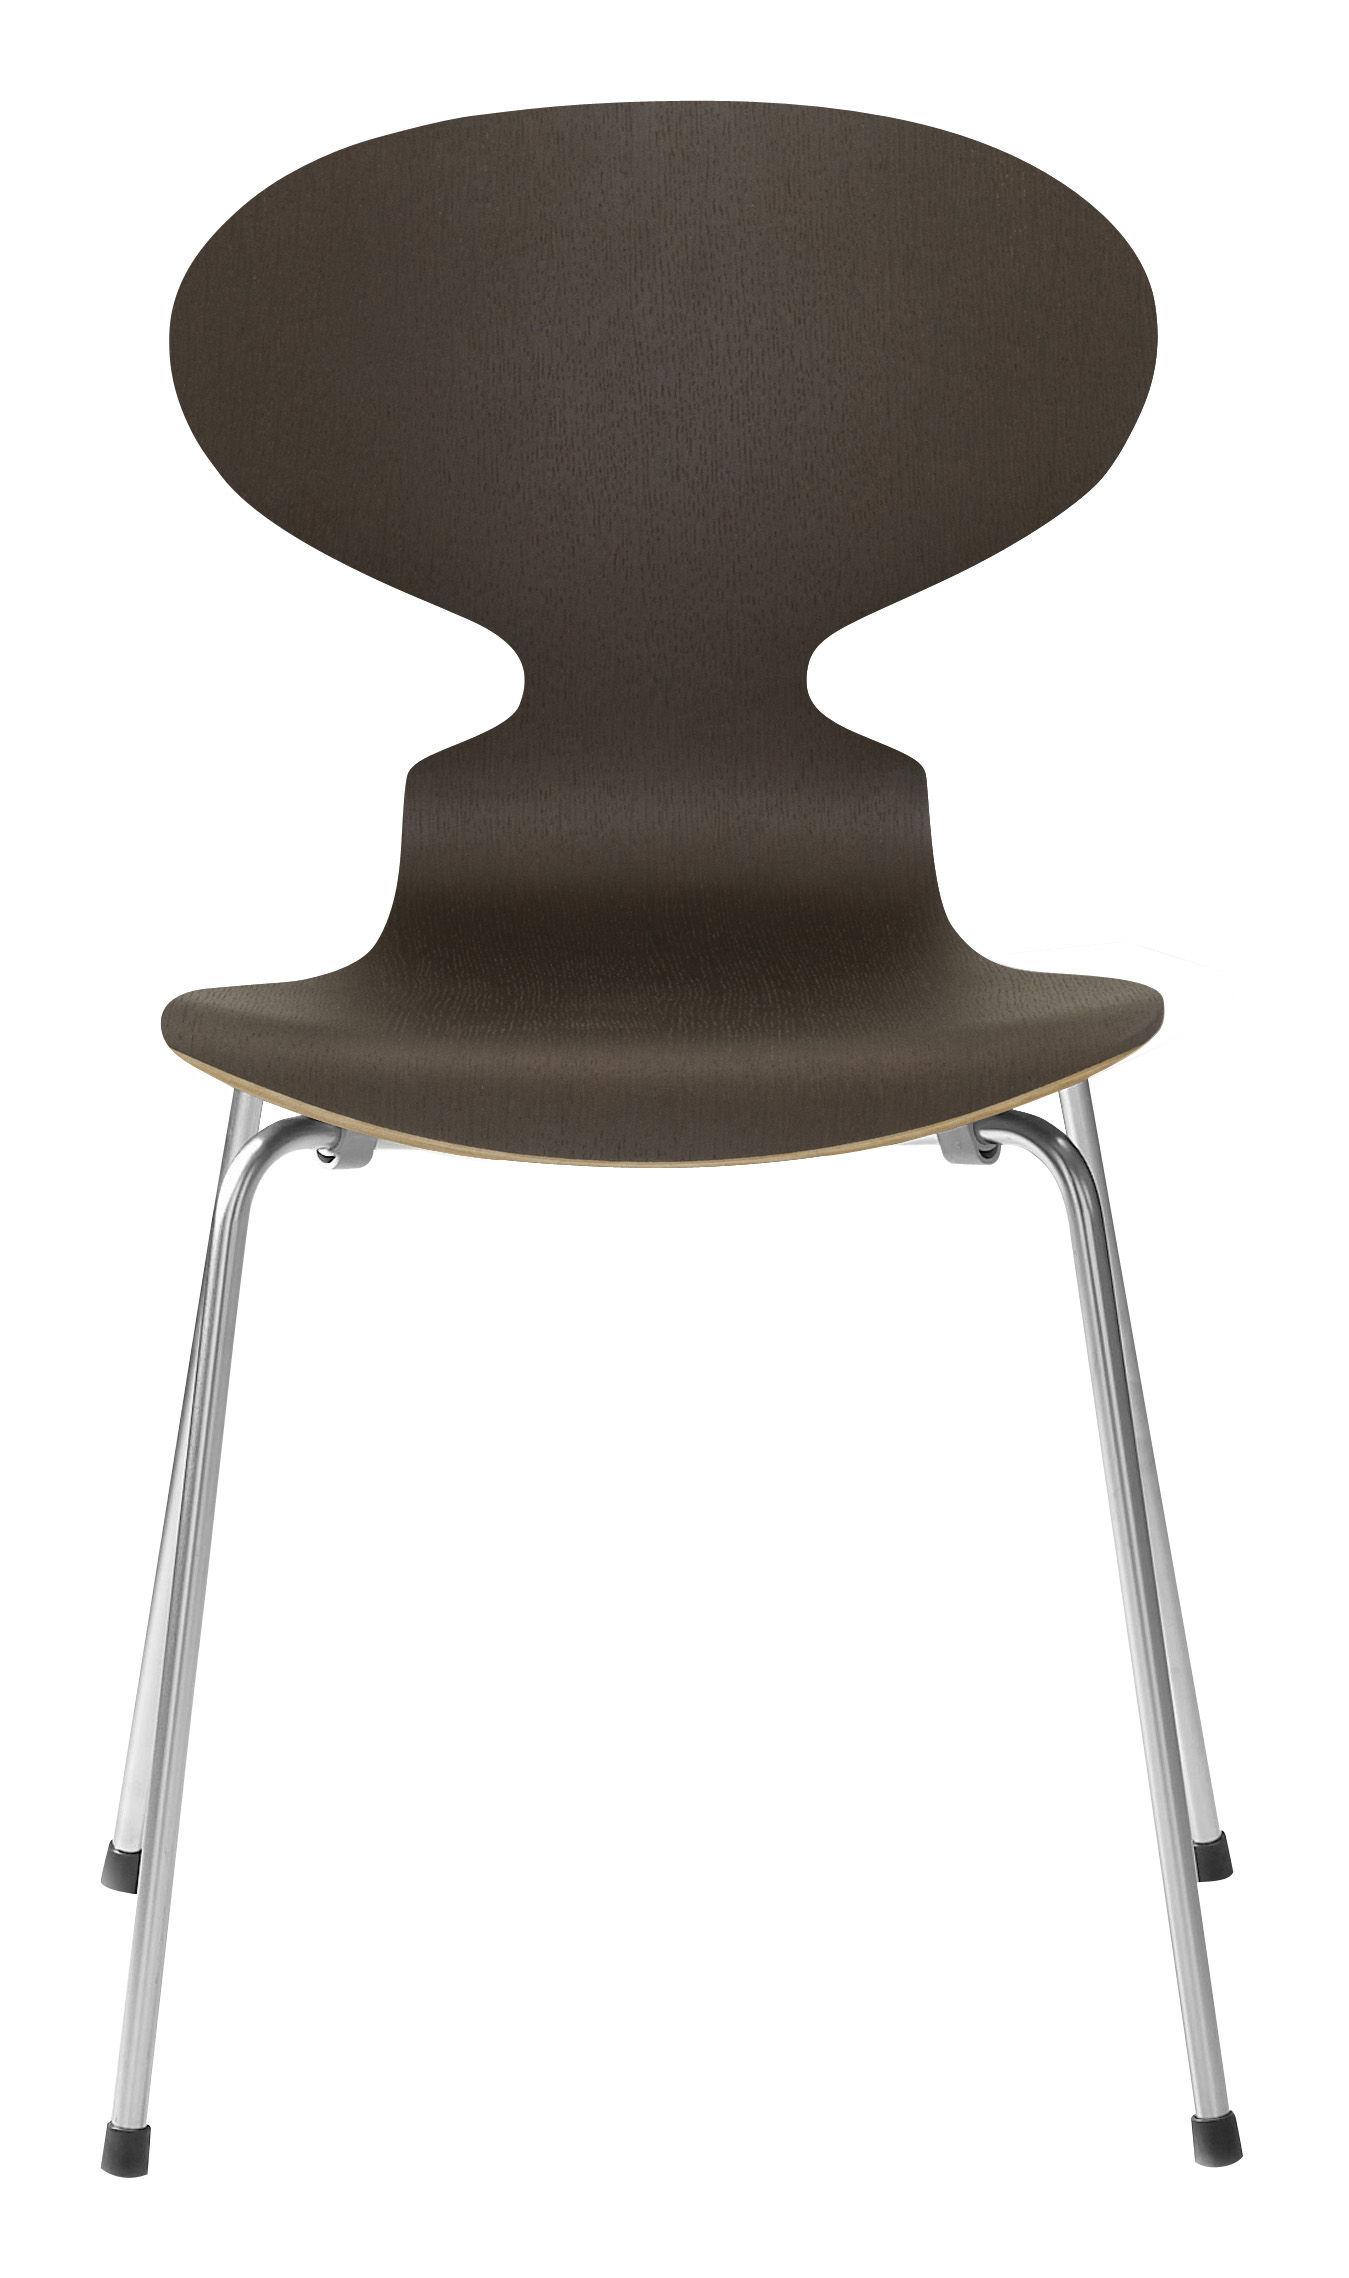 chaise empilable fourmi bois naturel ch ne teint fonc fritz hansen. Black Bedroom Furniture Sets. Home Design Ideas